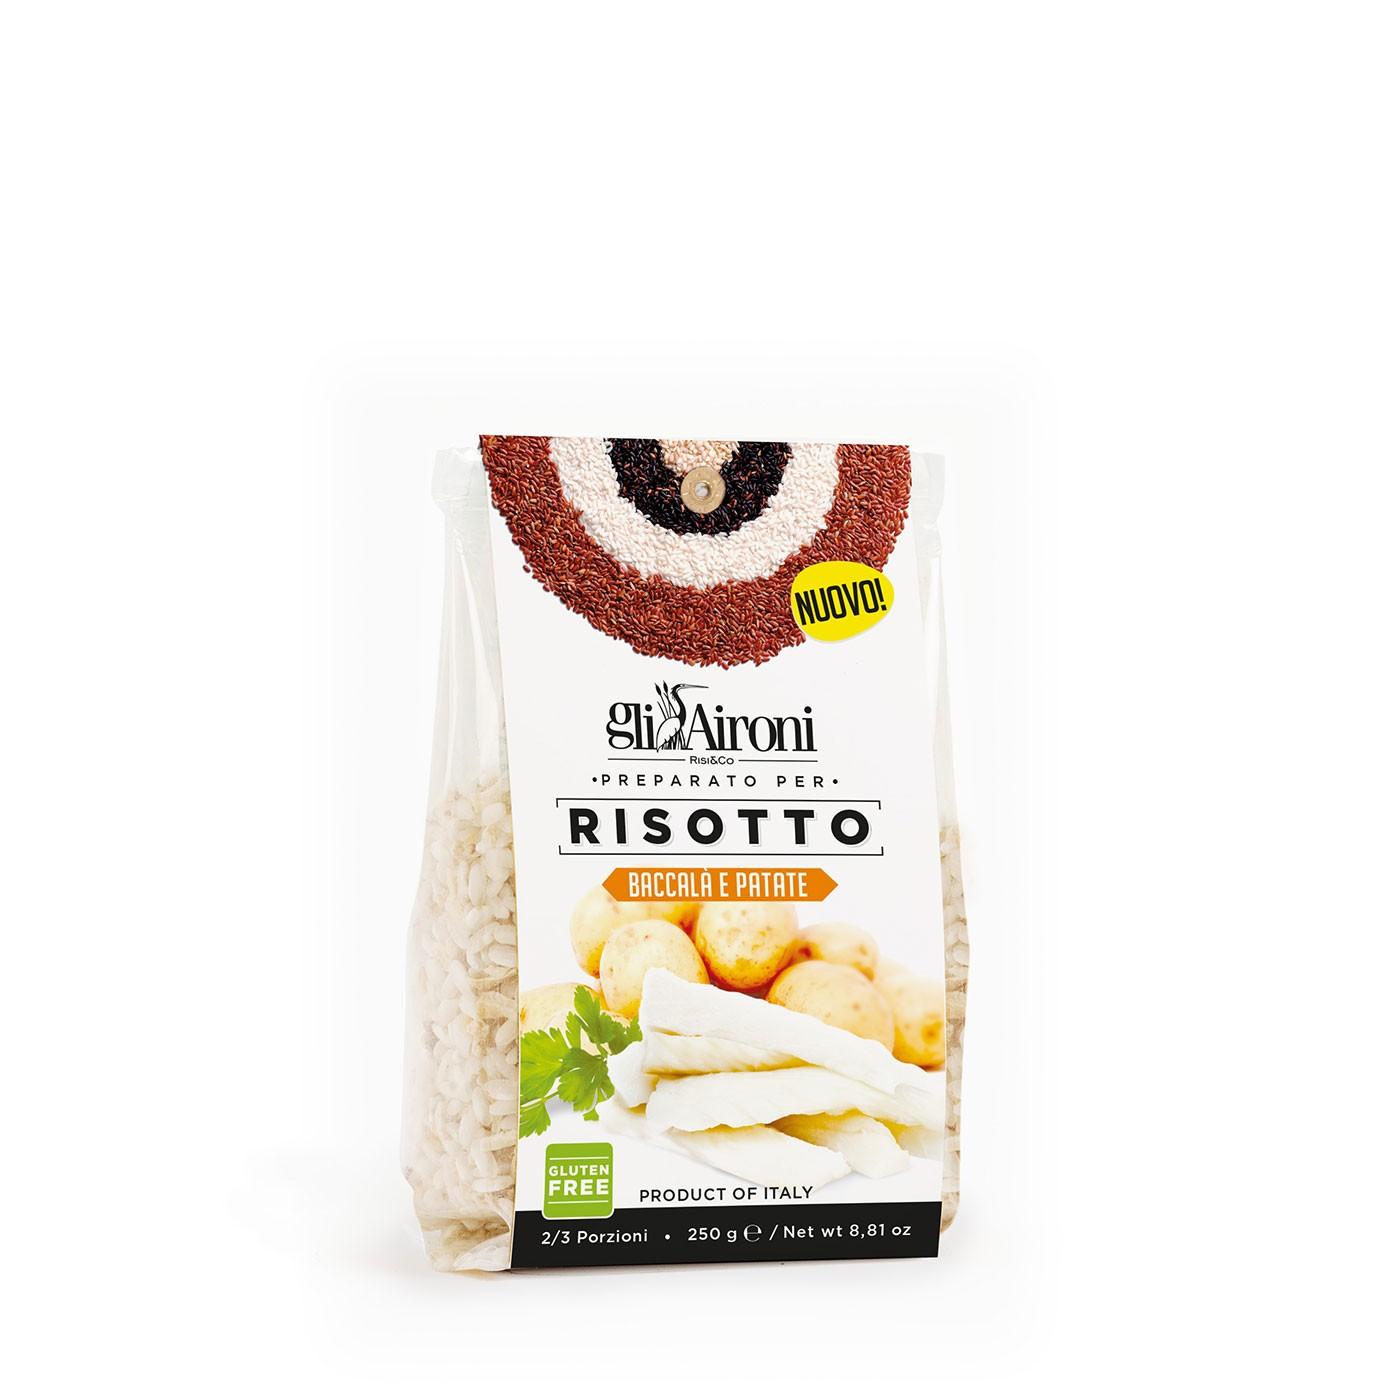 Salt Cod and Potato Risotto